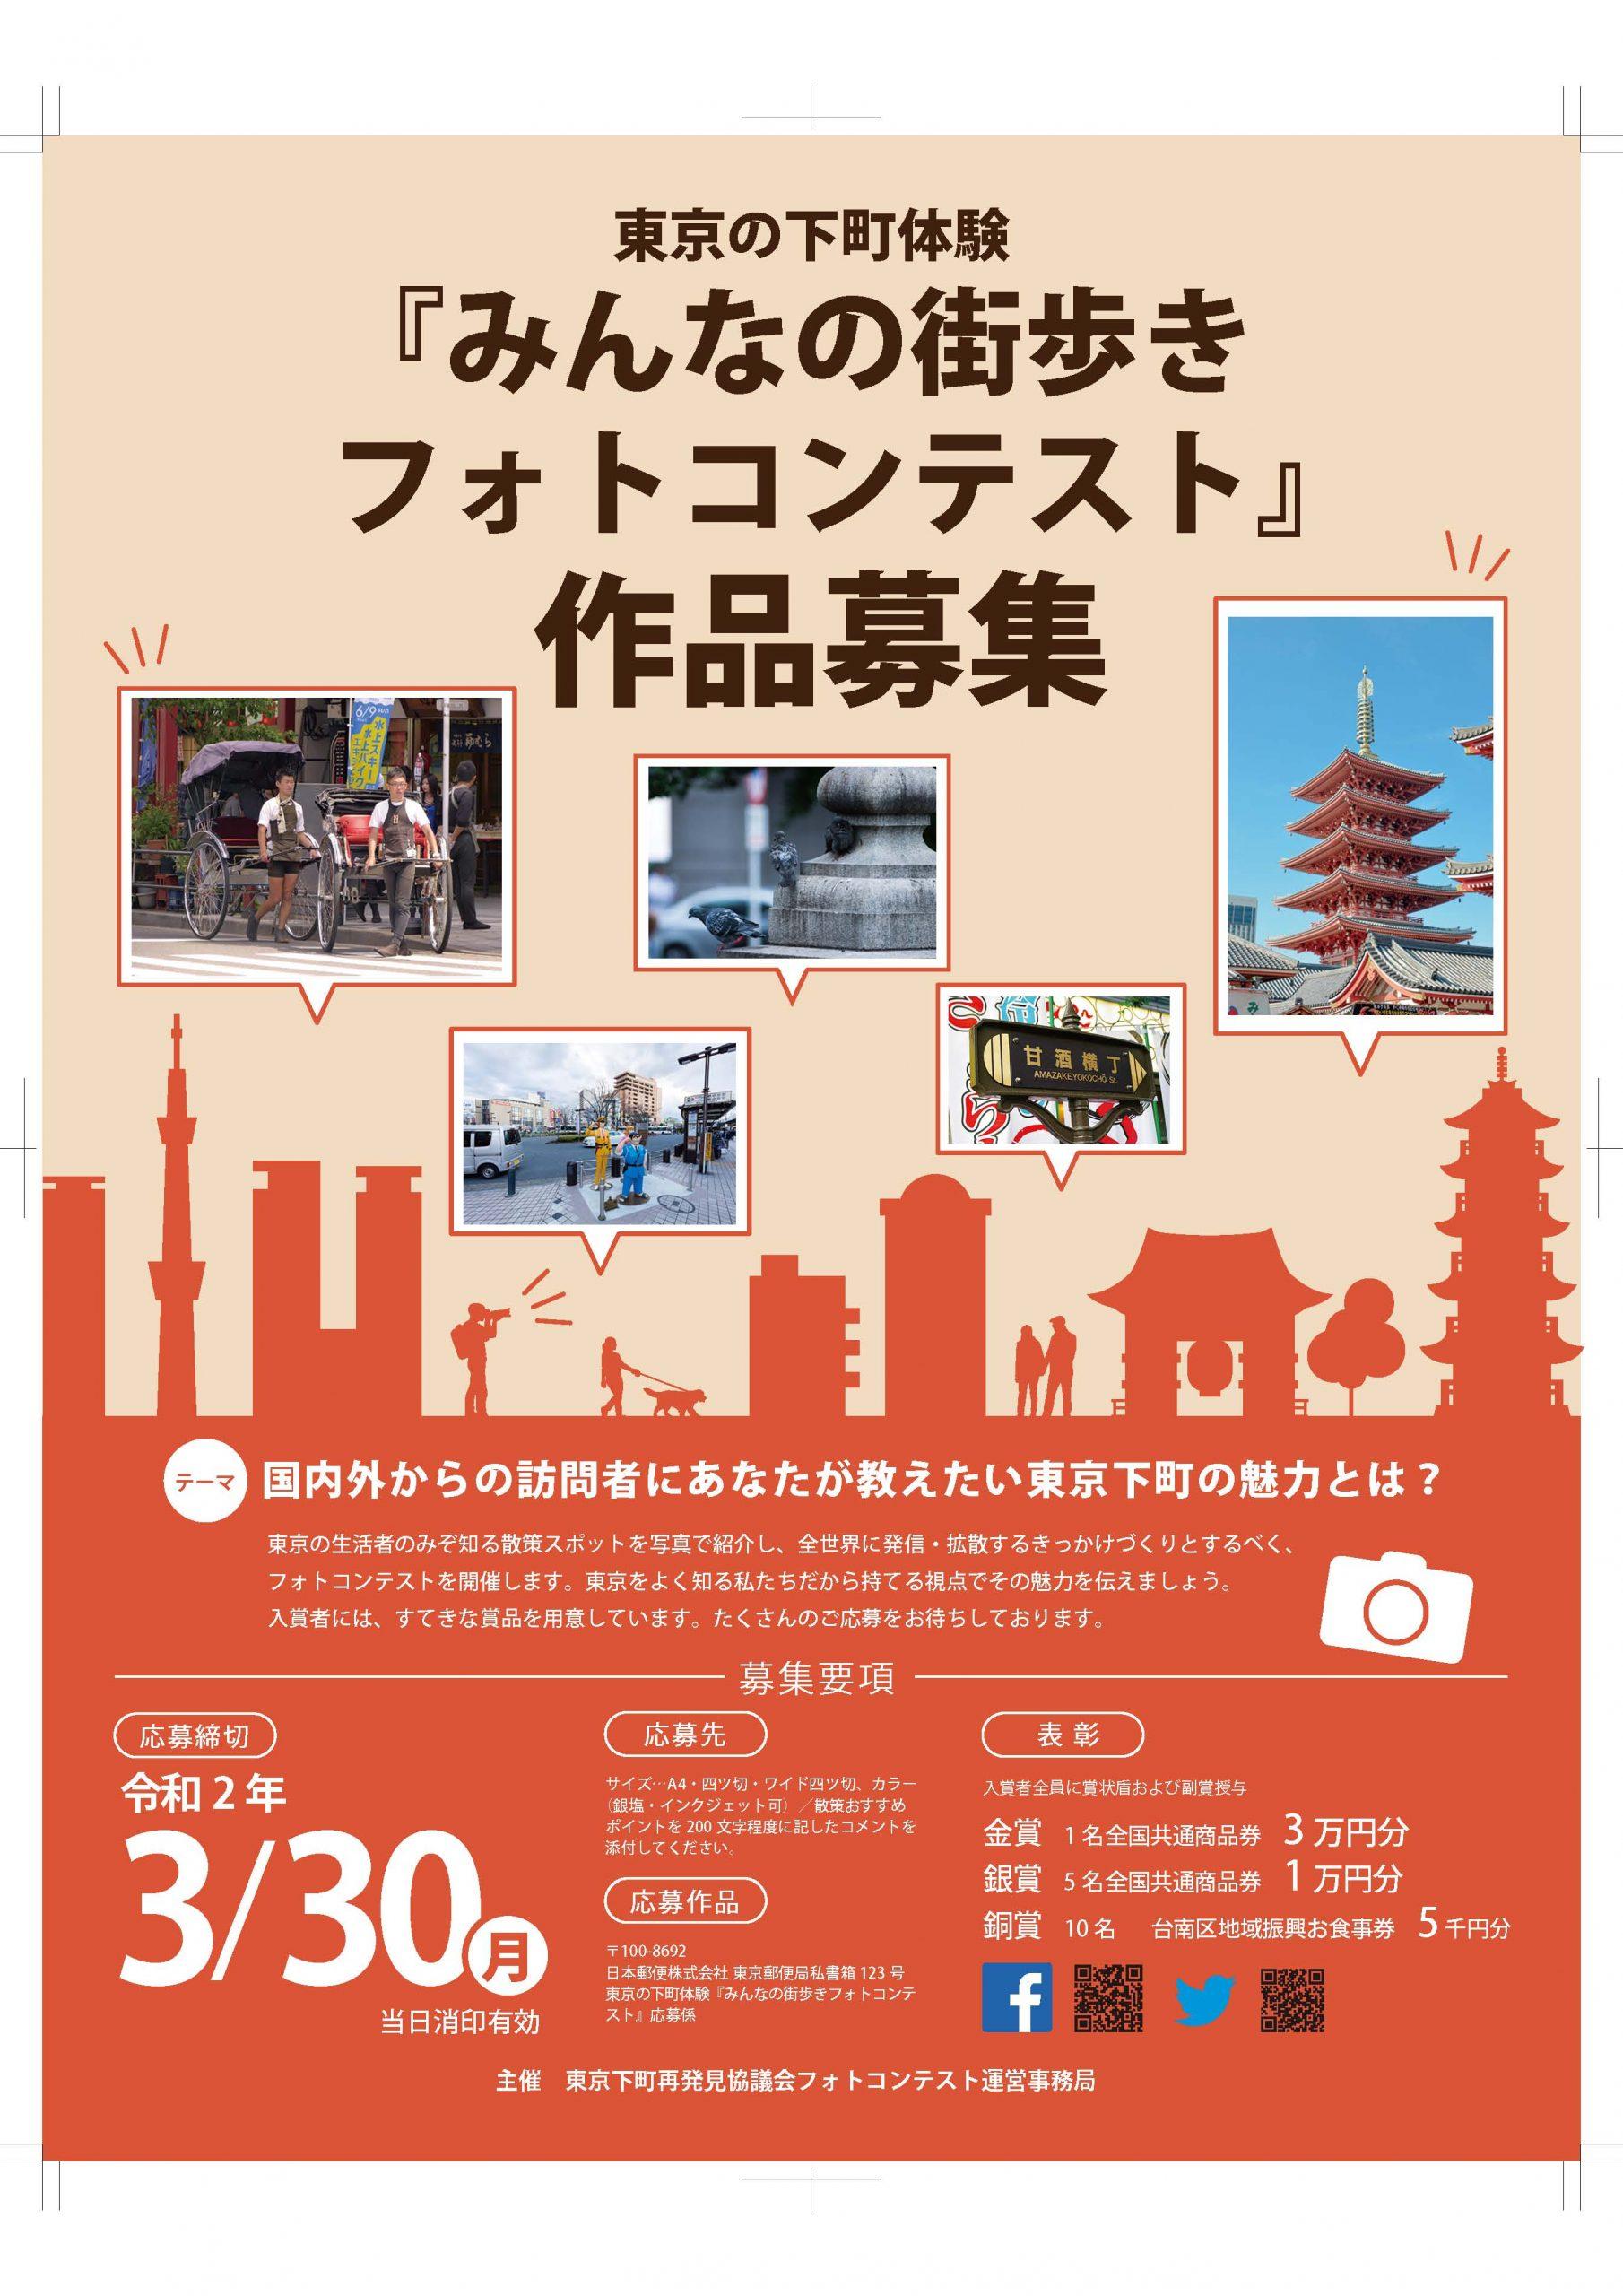 東京アビリンピック2020